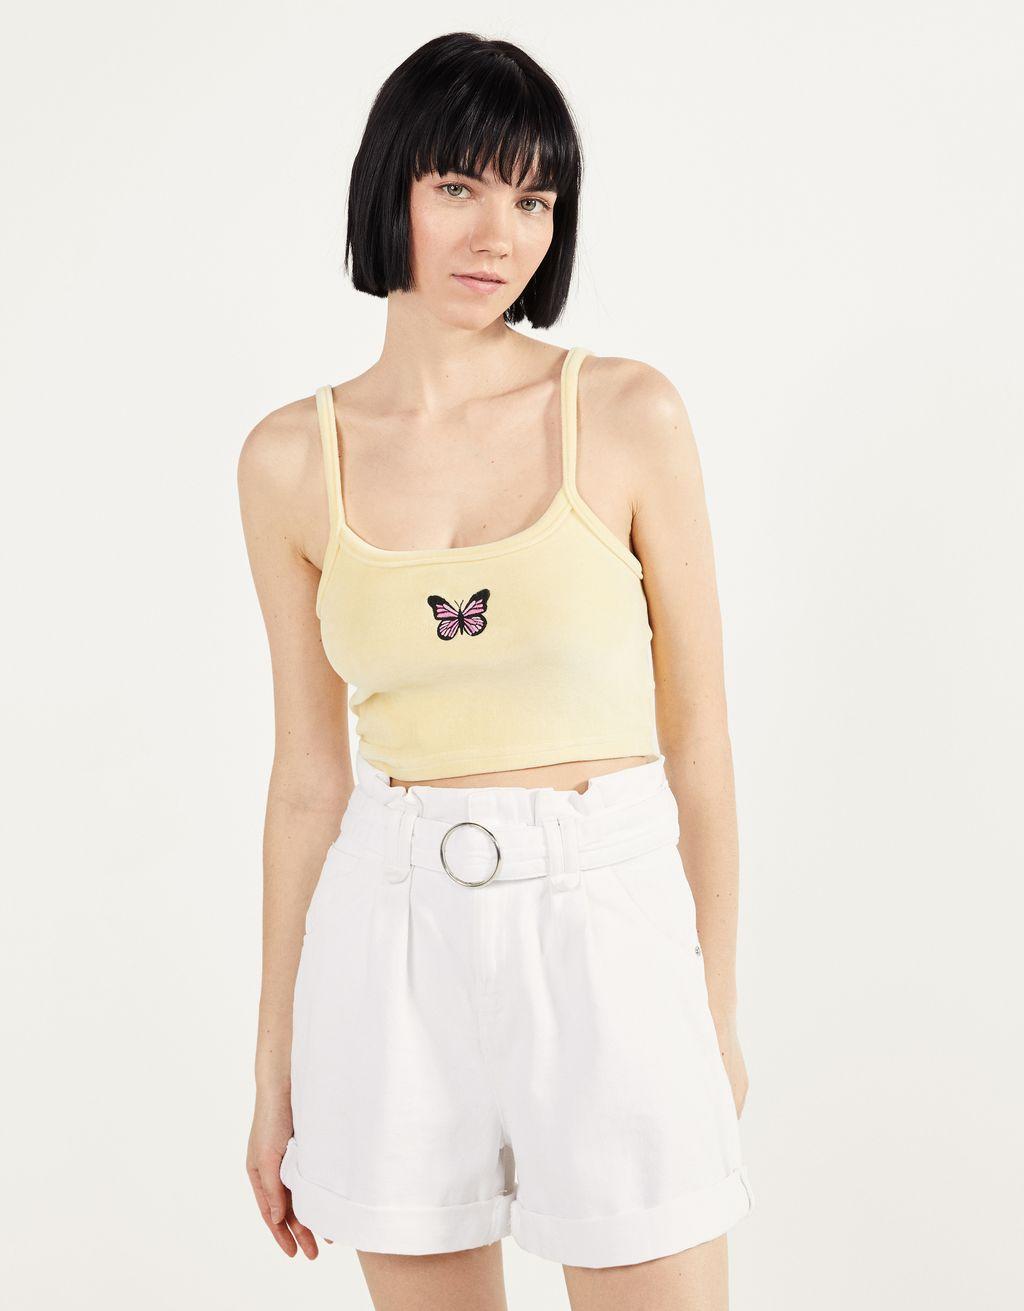 Velvet strappy top